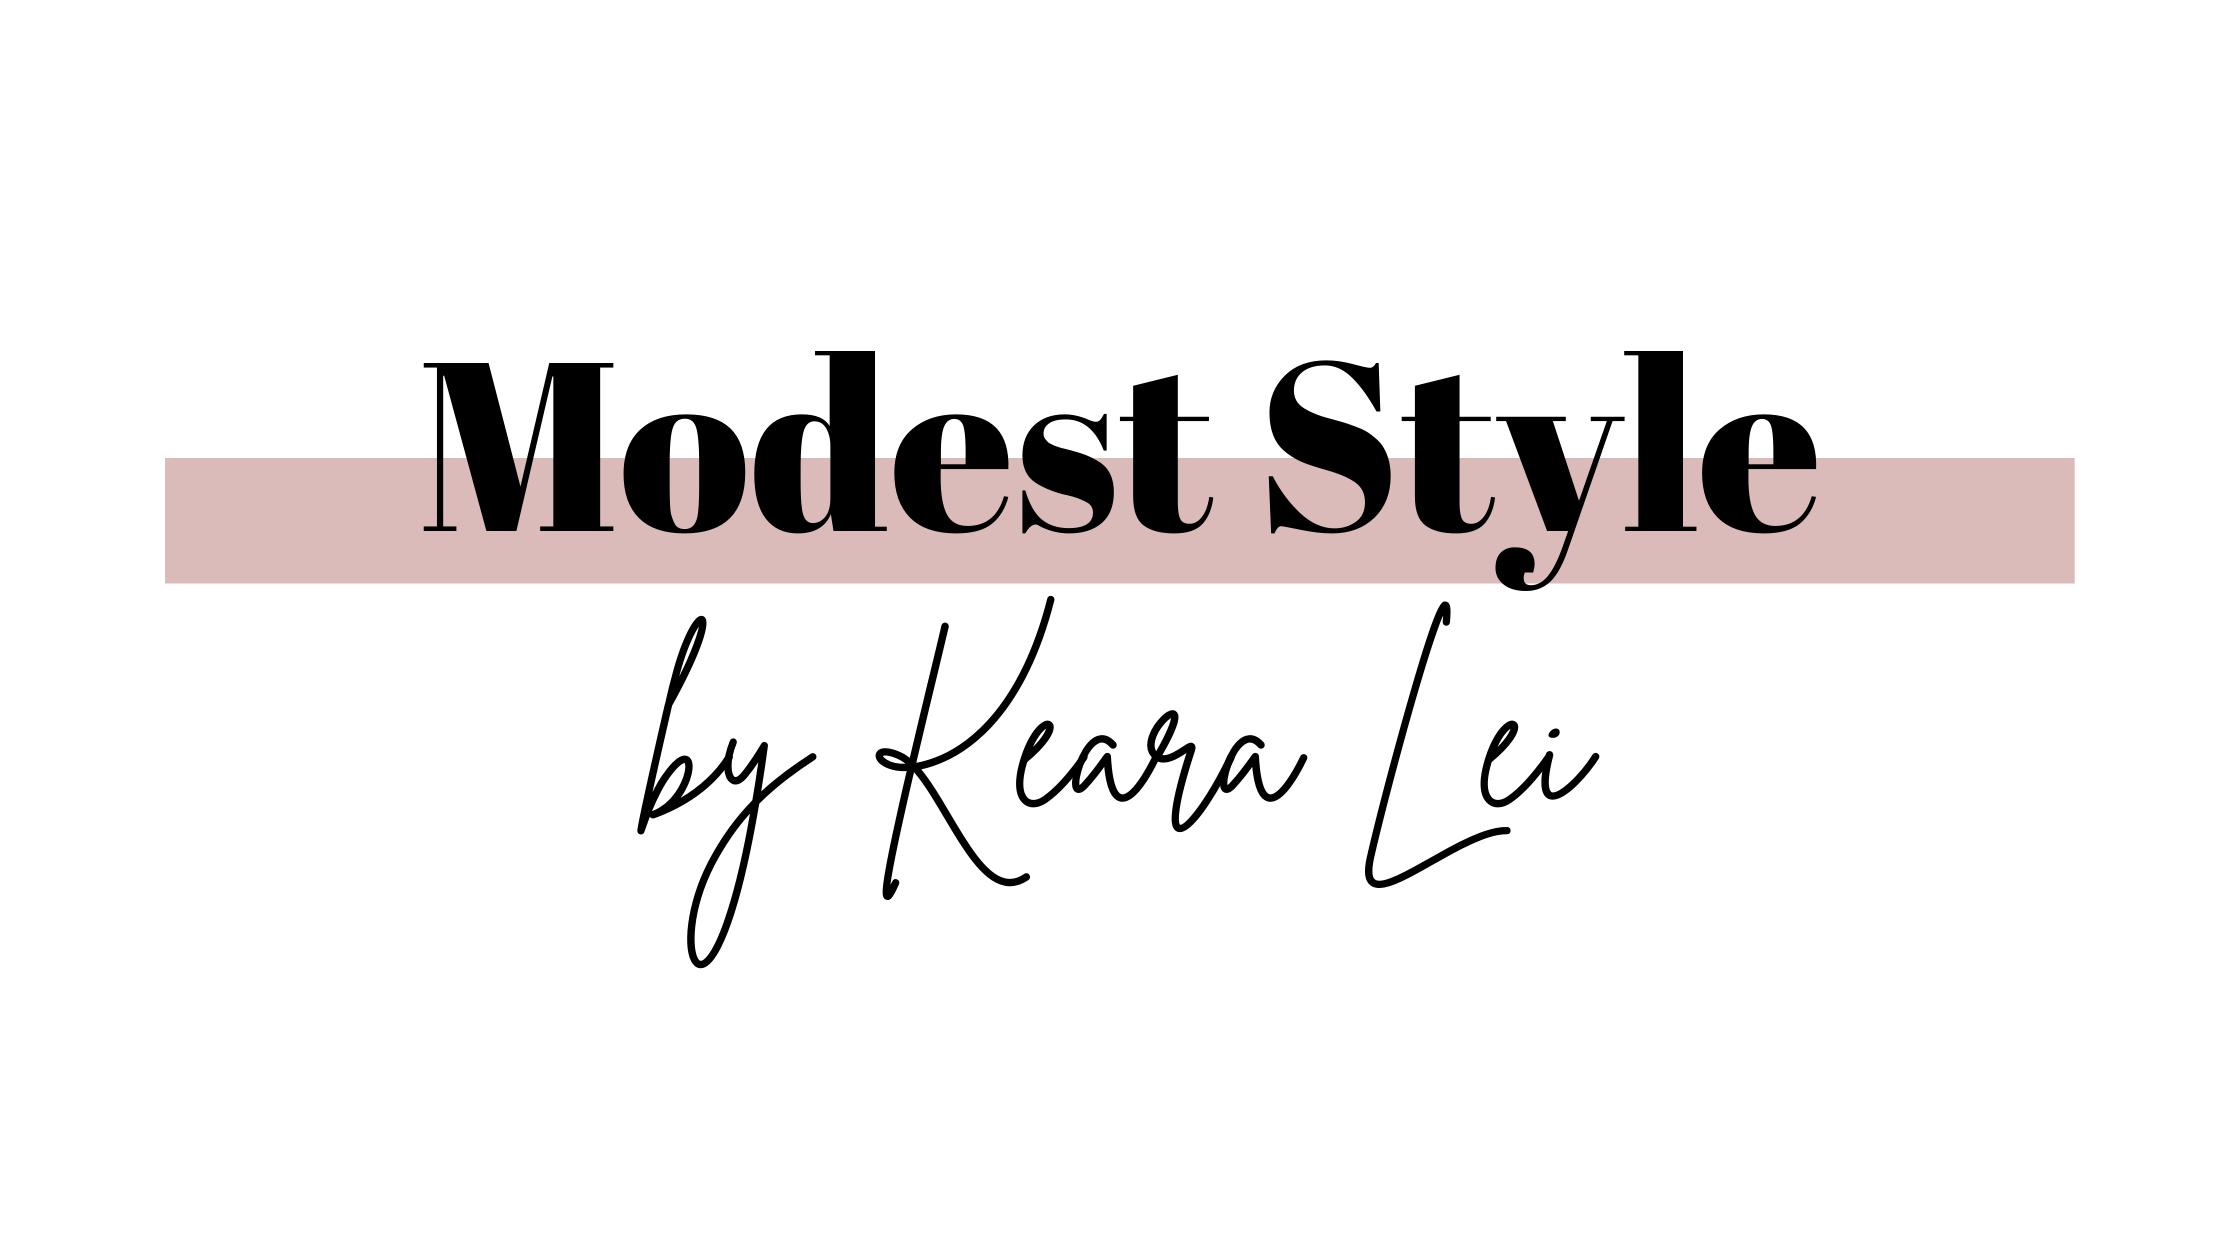 Modest Style by Keara Lei